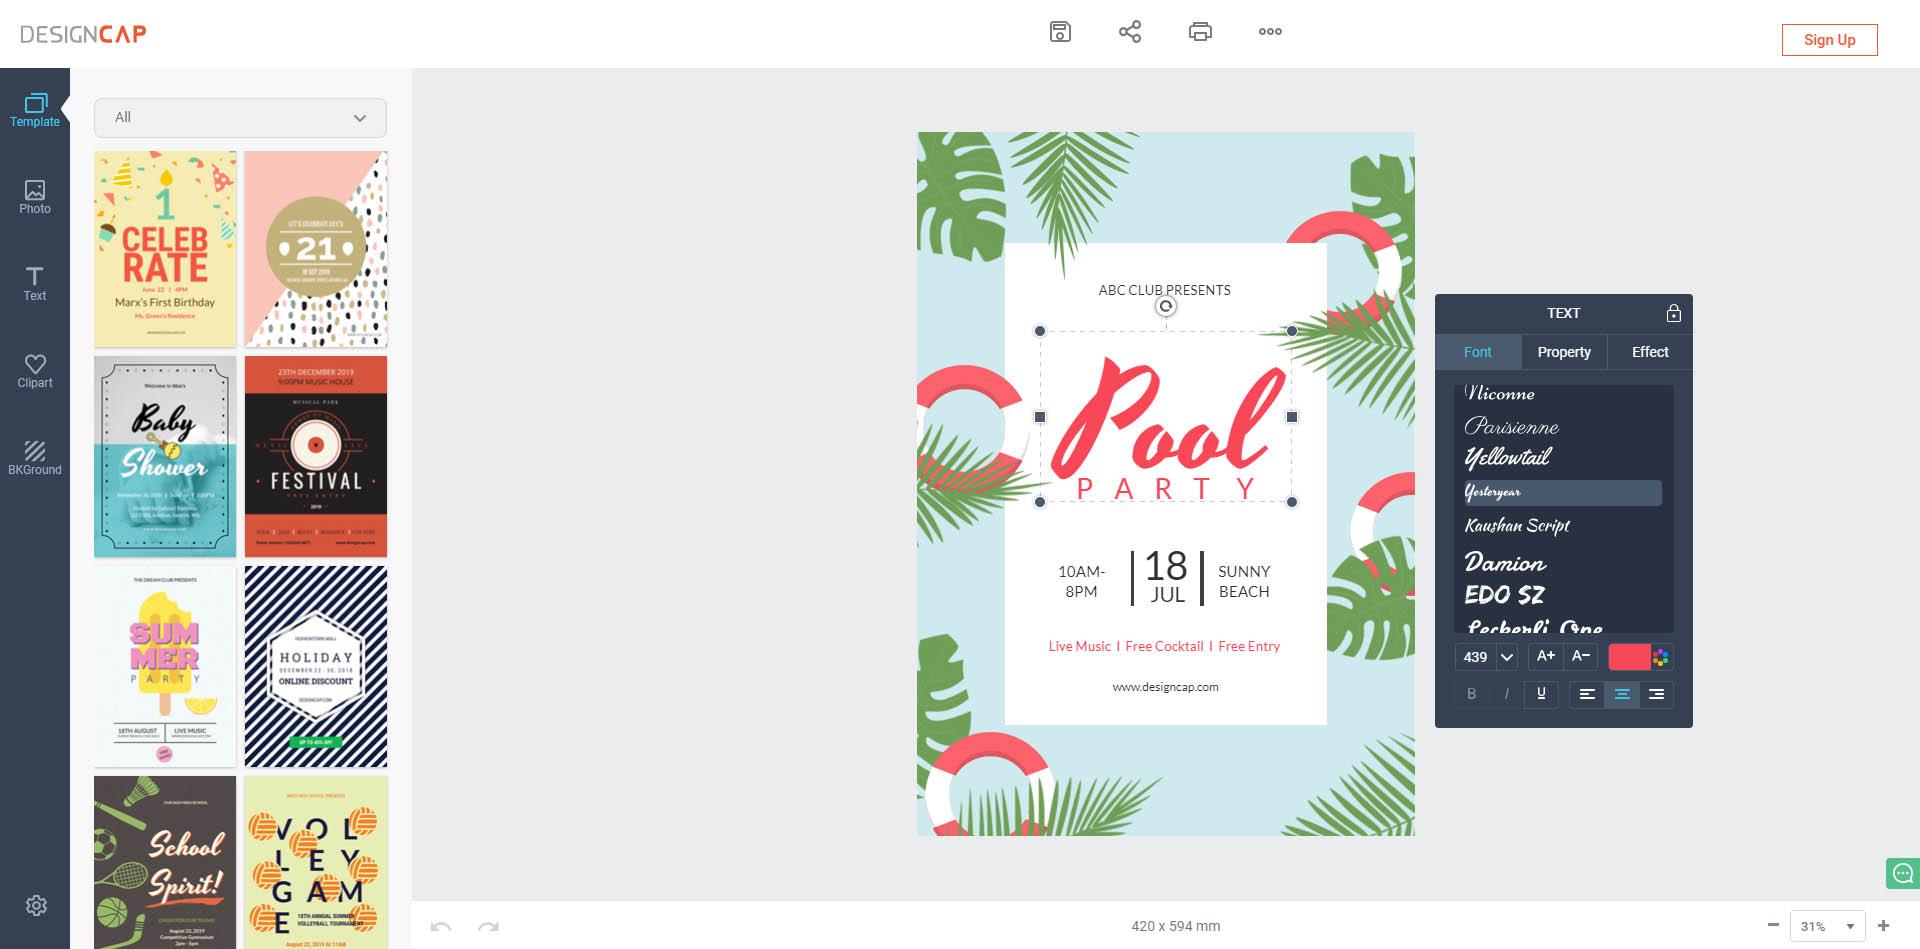 DesignCap online design tools